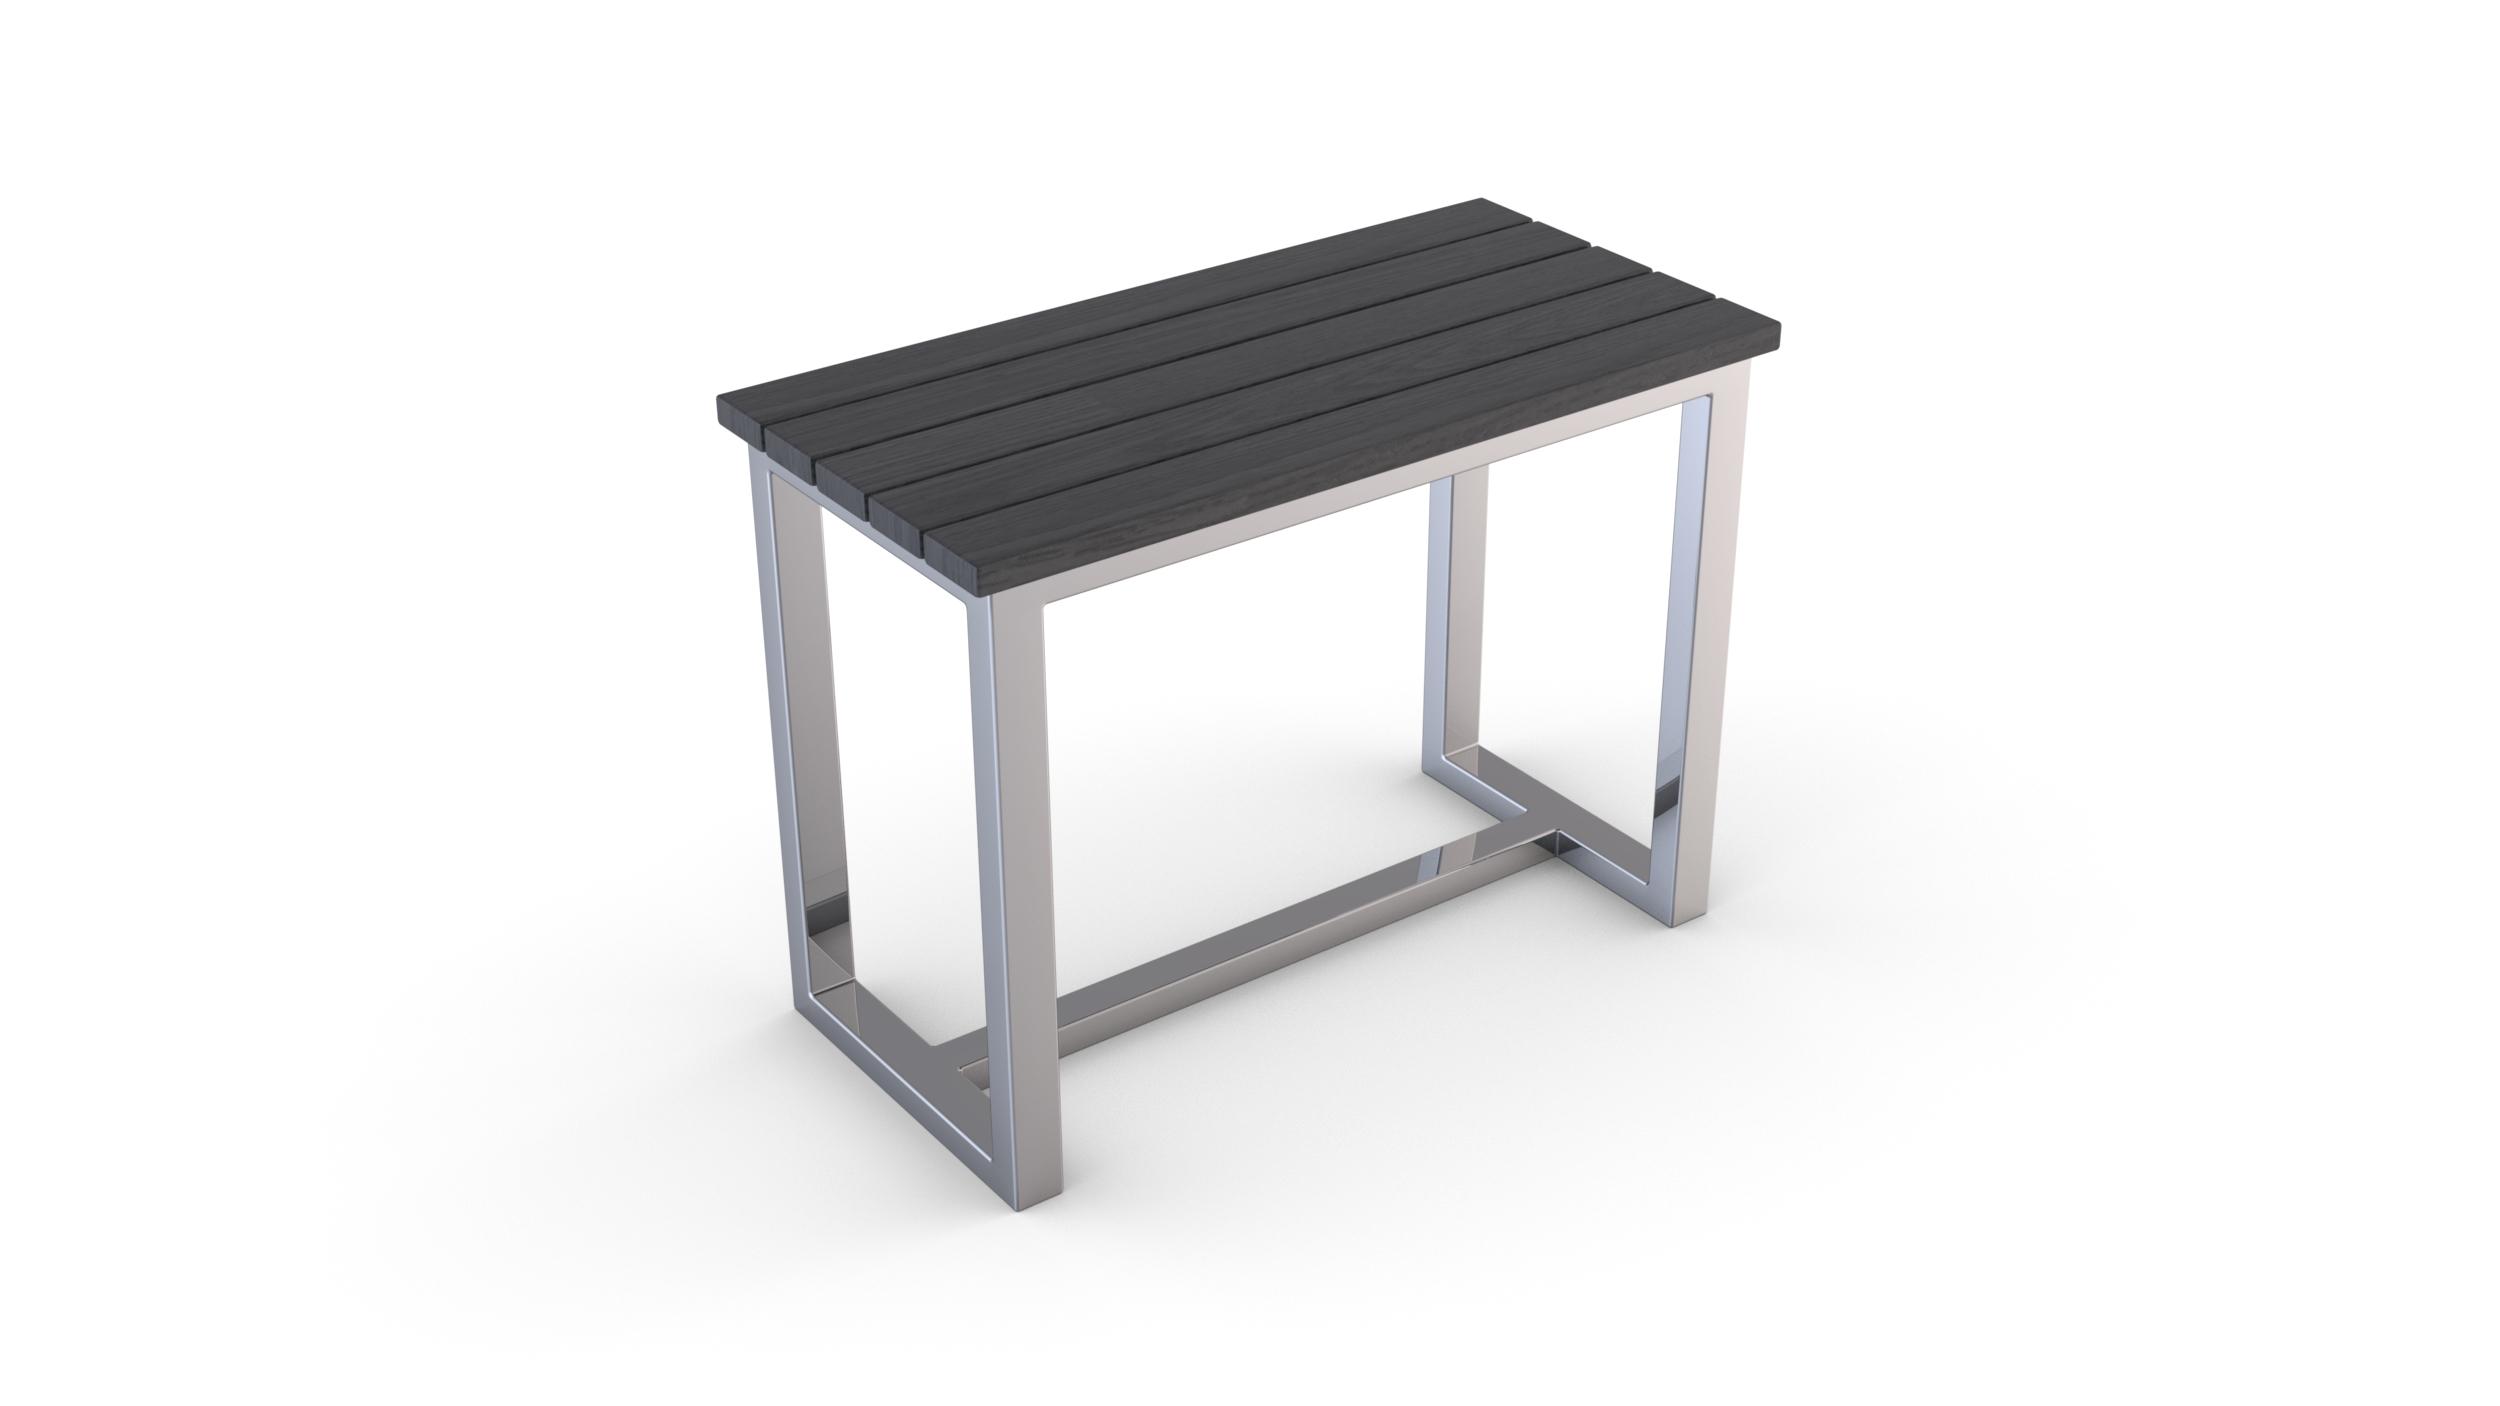 si ge en bois composite et structure en inox gris homebain vente en ligne accessoires de bain. Black Bedroom Furniture Sets. Home Design Ideas